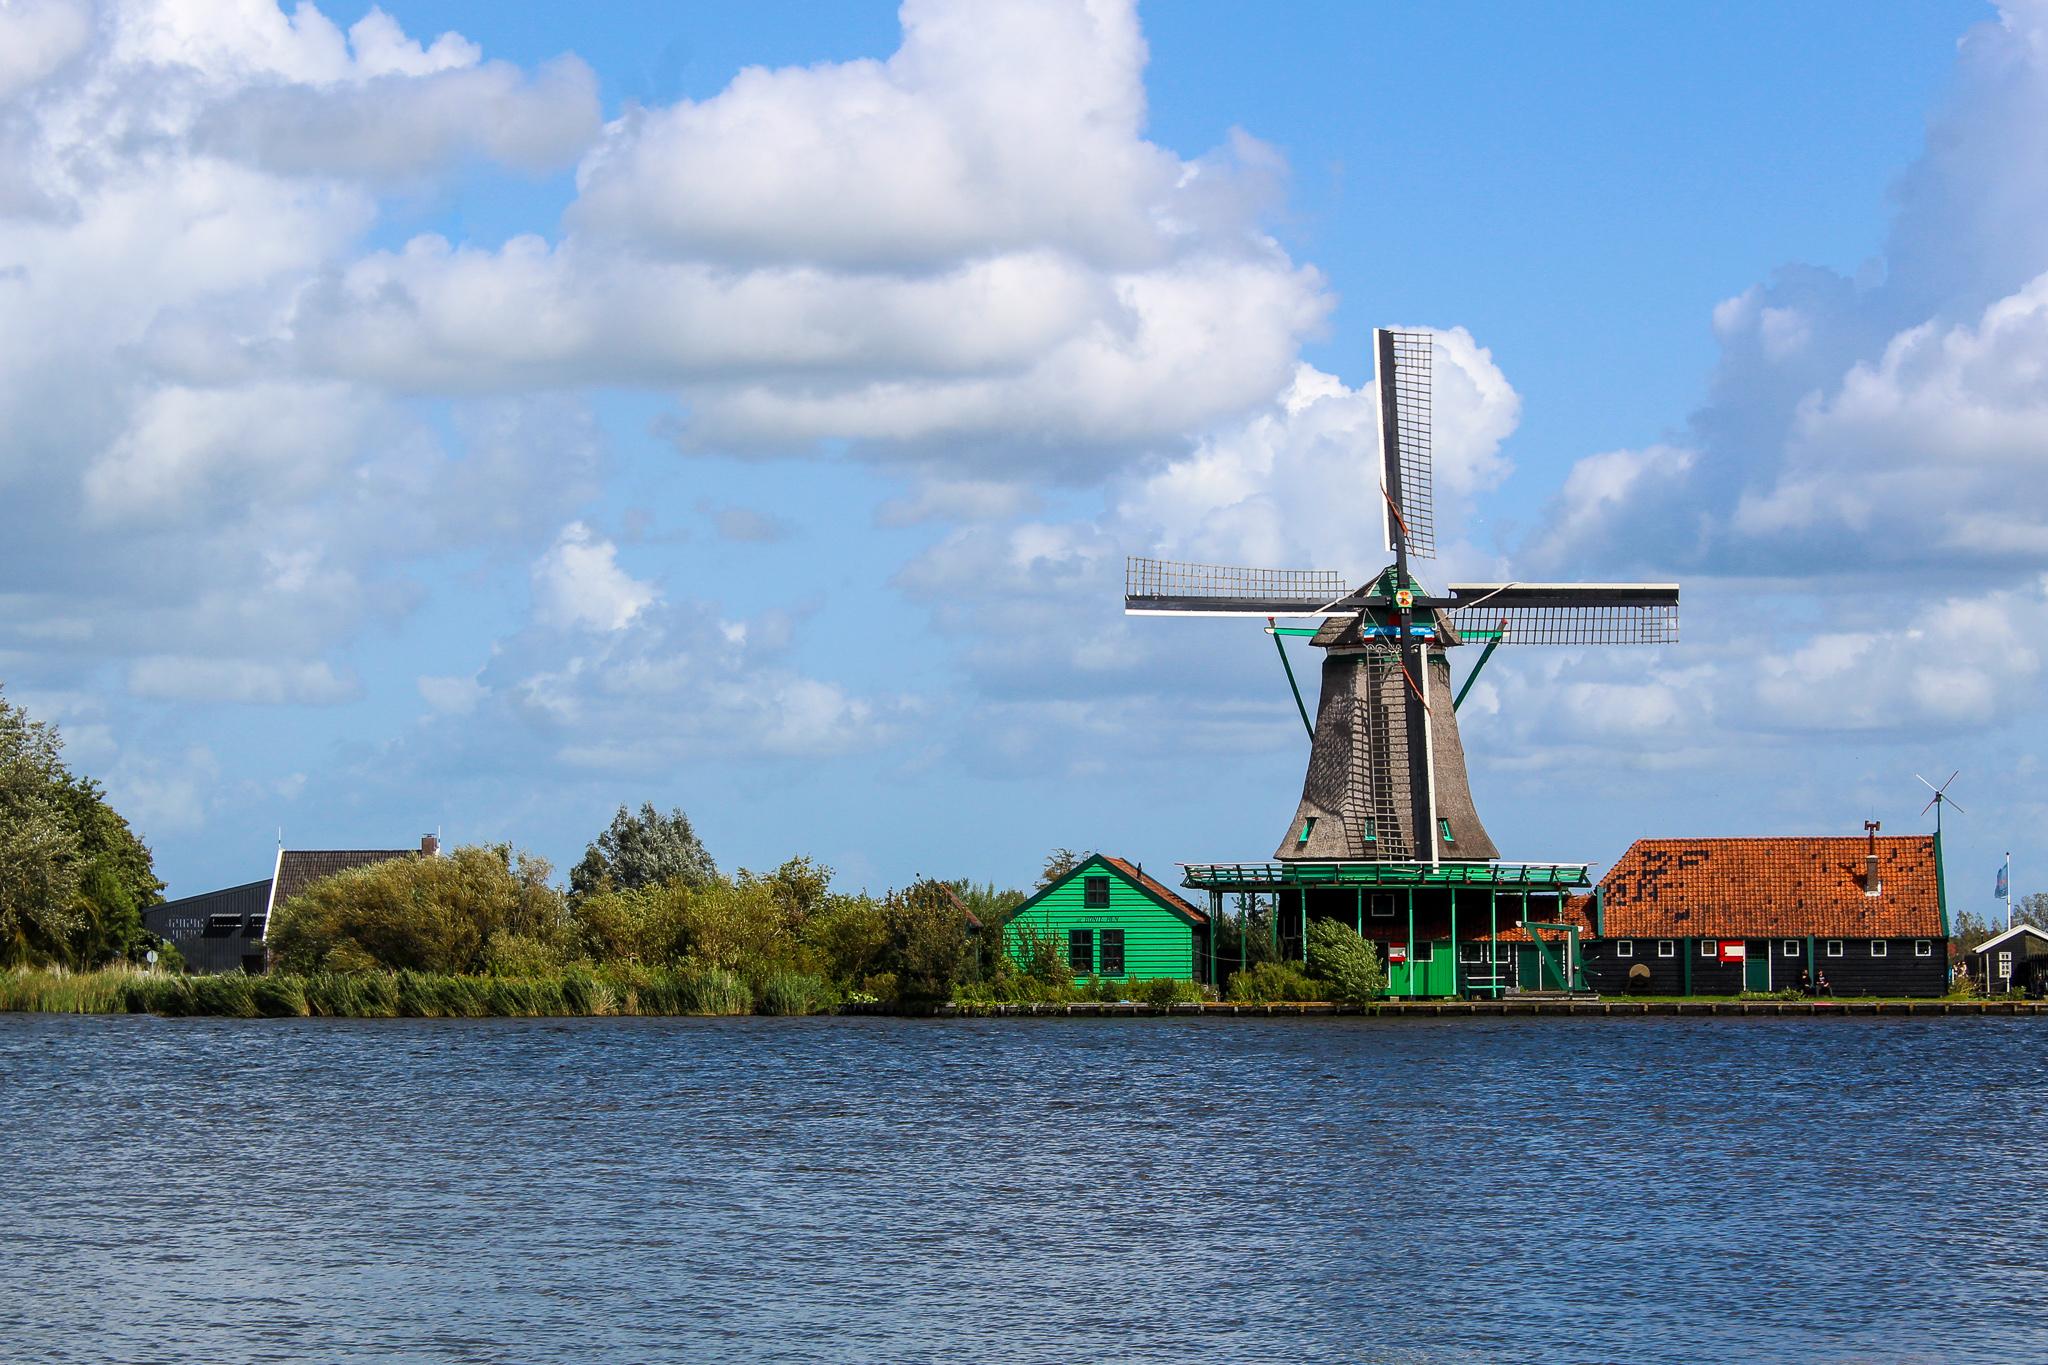 zaanse schans what to do see windmills